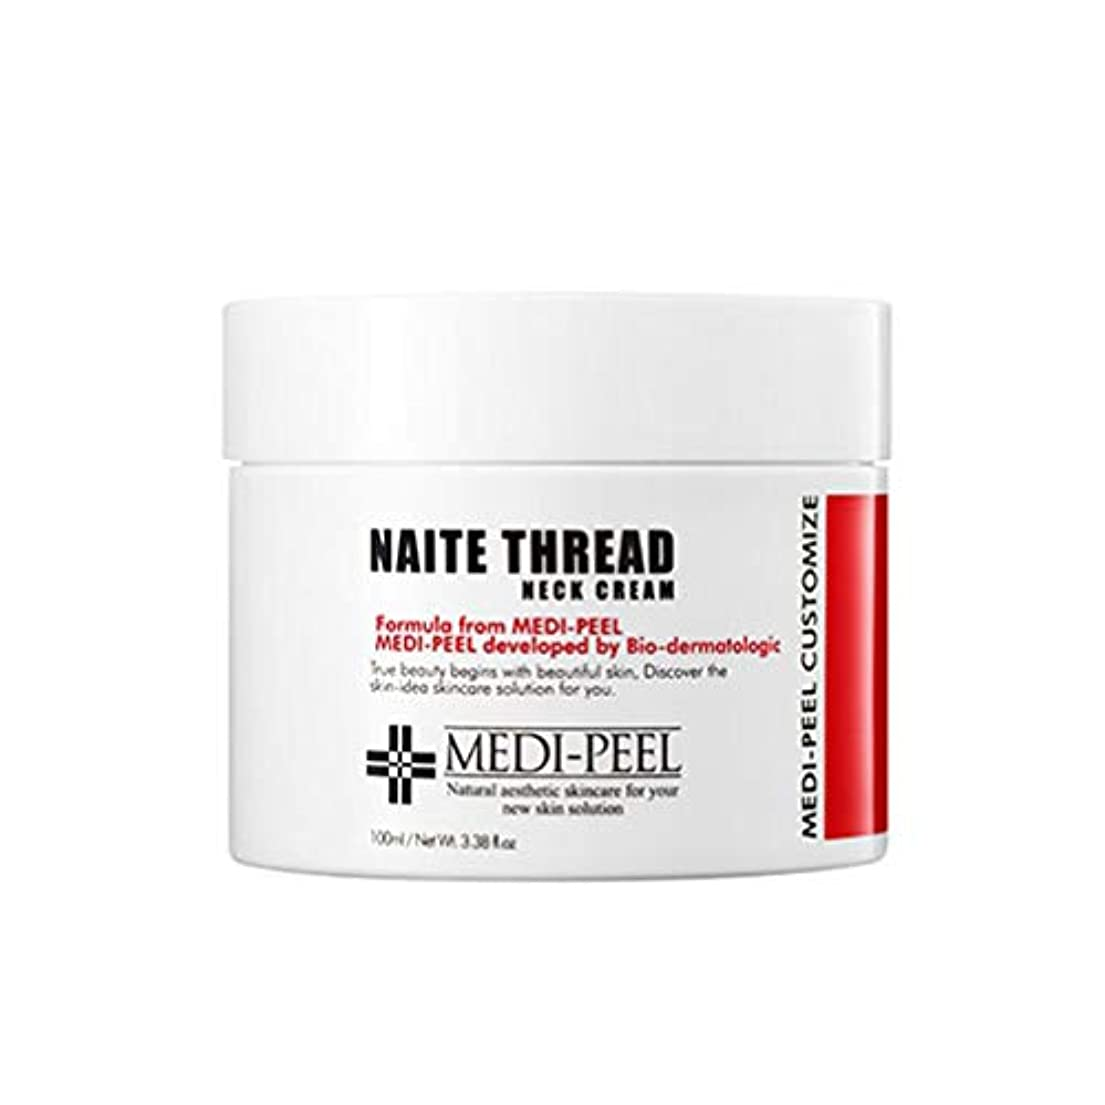 ピューソファーじゃがいもメディ?フィルナイテ糸ネッククリーム100ml 首のしわのケア韓国コスメ、Medi-Peel Naite Thread Neck Cream 100ml Korean Cosmetics [並行輸入品]